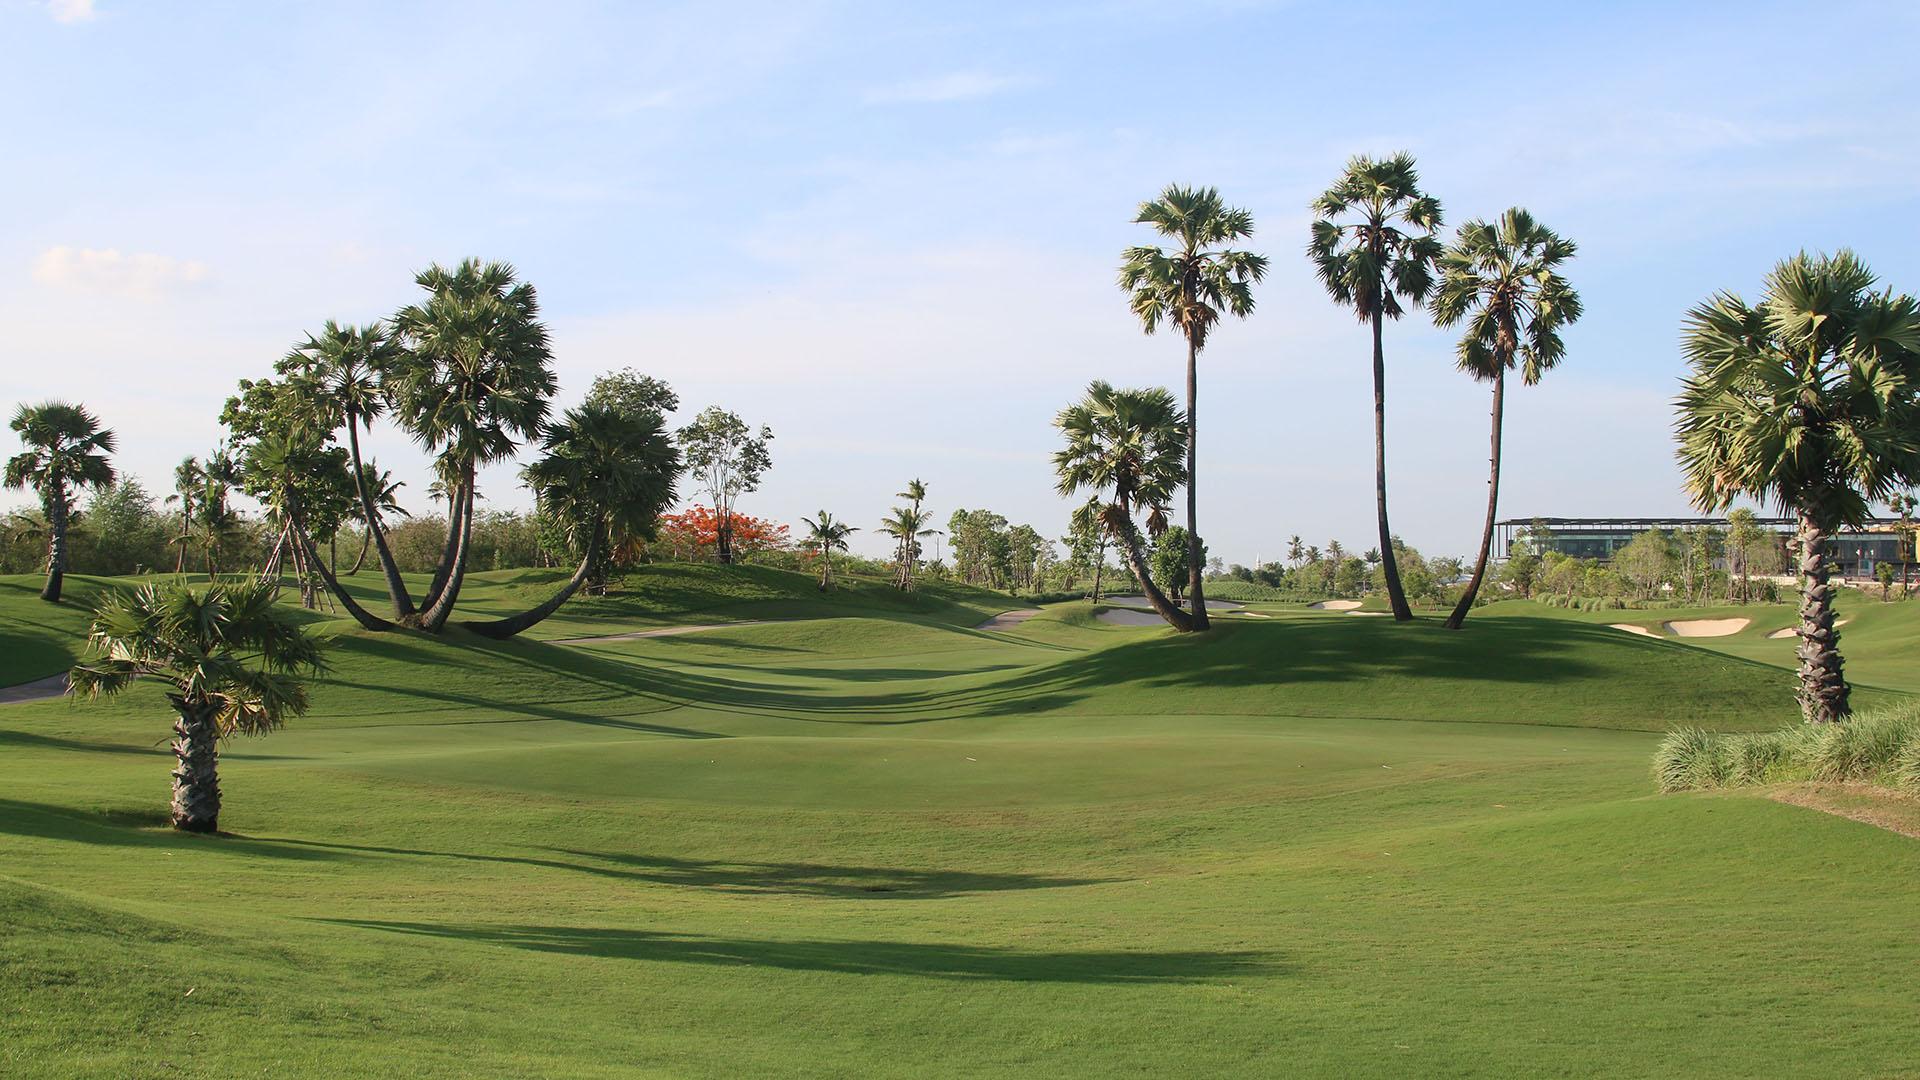 ニカンティ・ゴルフクラブ